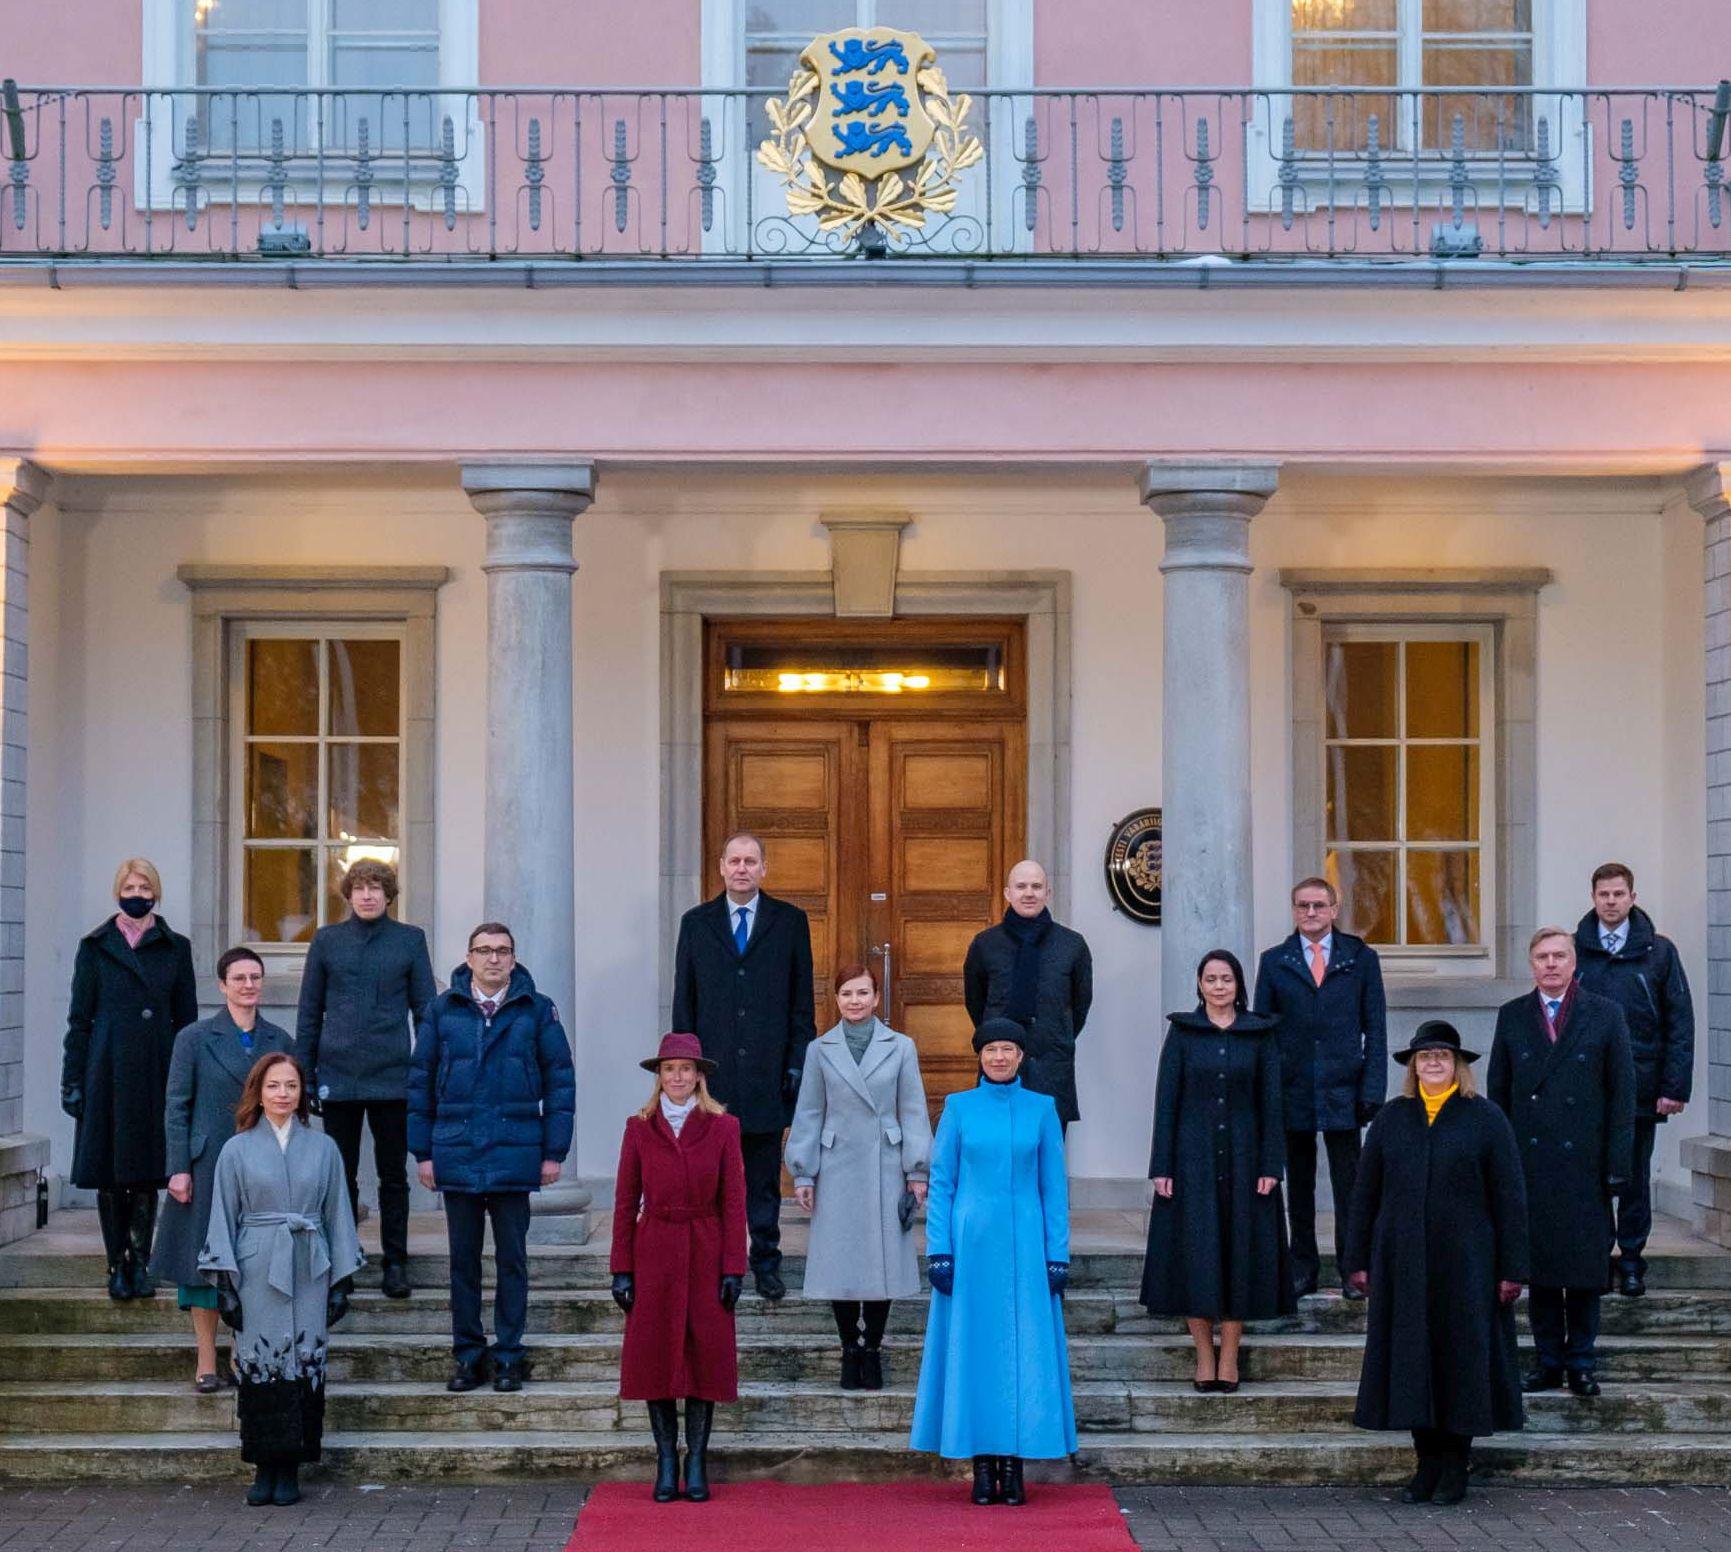 Igaunija, Kaga Kalas, Kristi Kalgolida, valdība, liberāļi, politika, parlaments